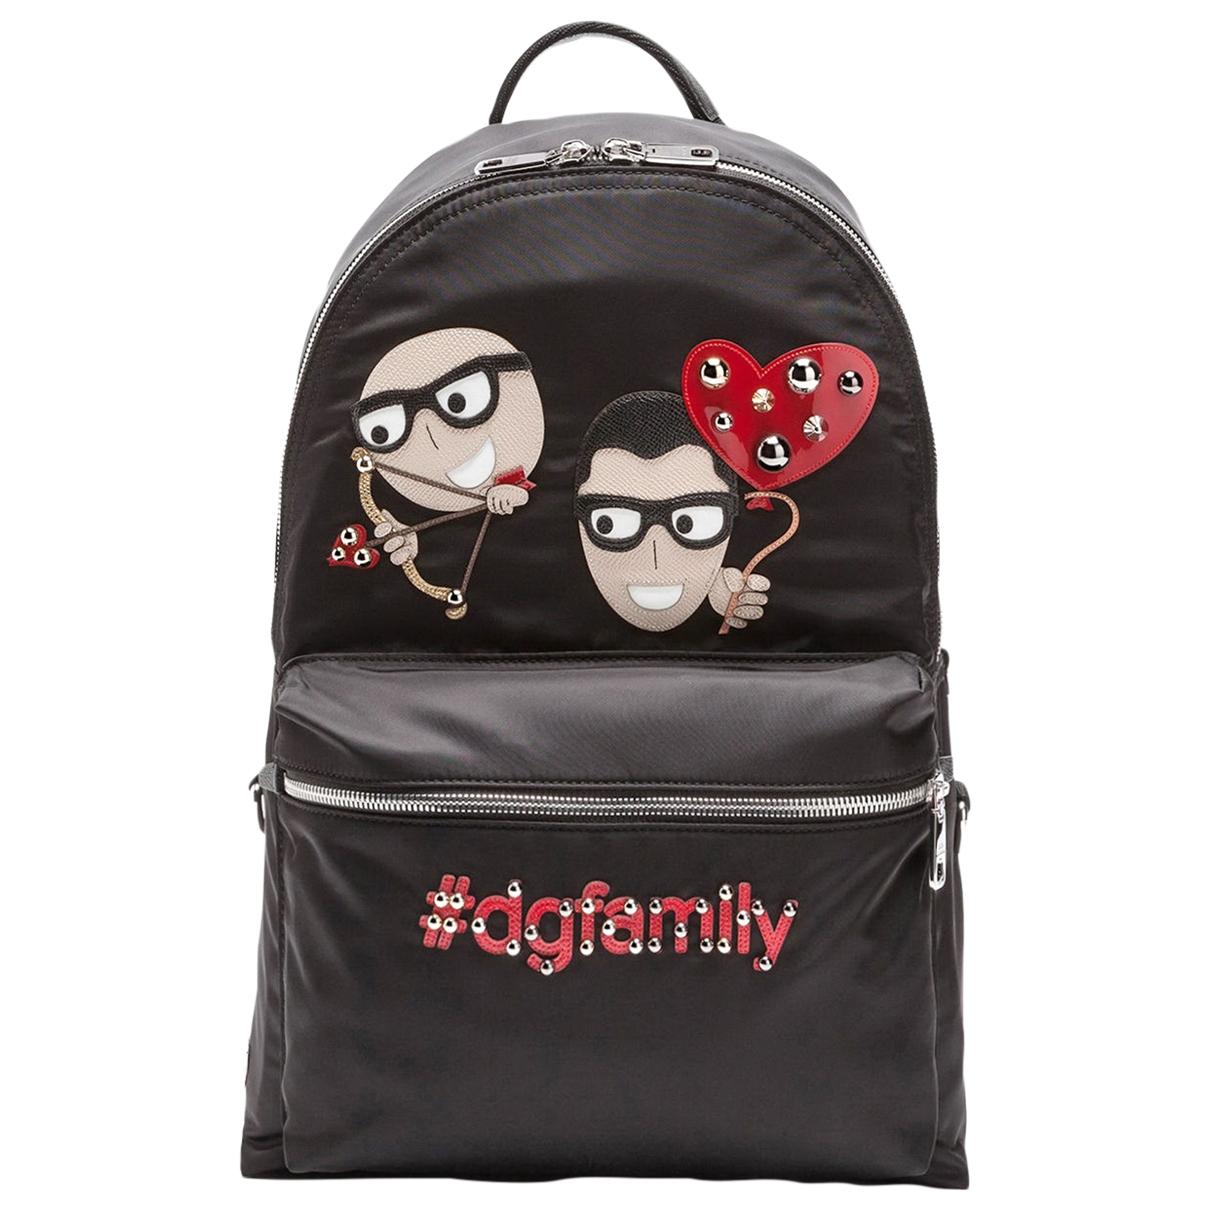 Dolce & Gabbana \N Black backpack for Women \N